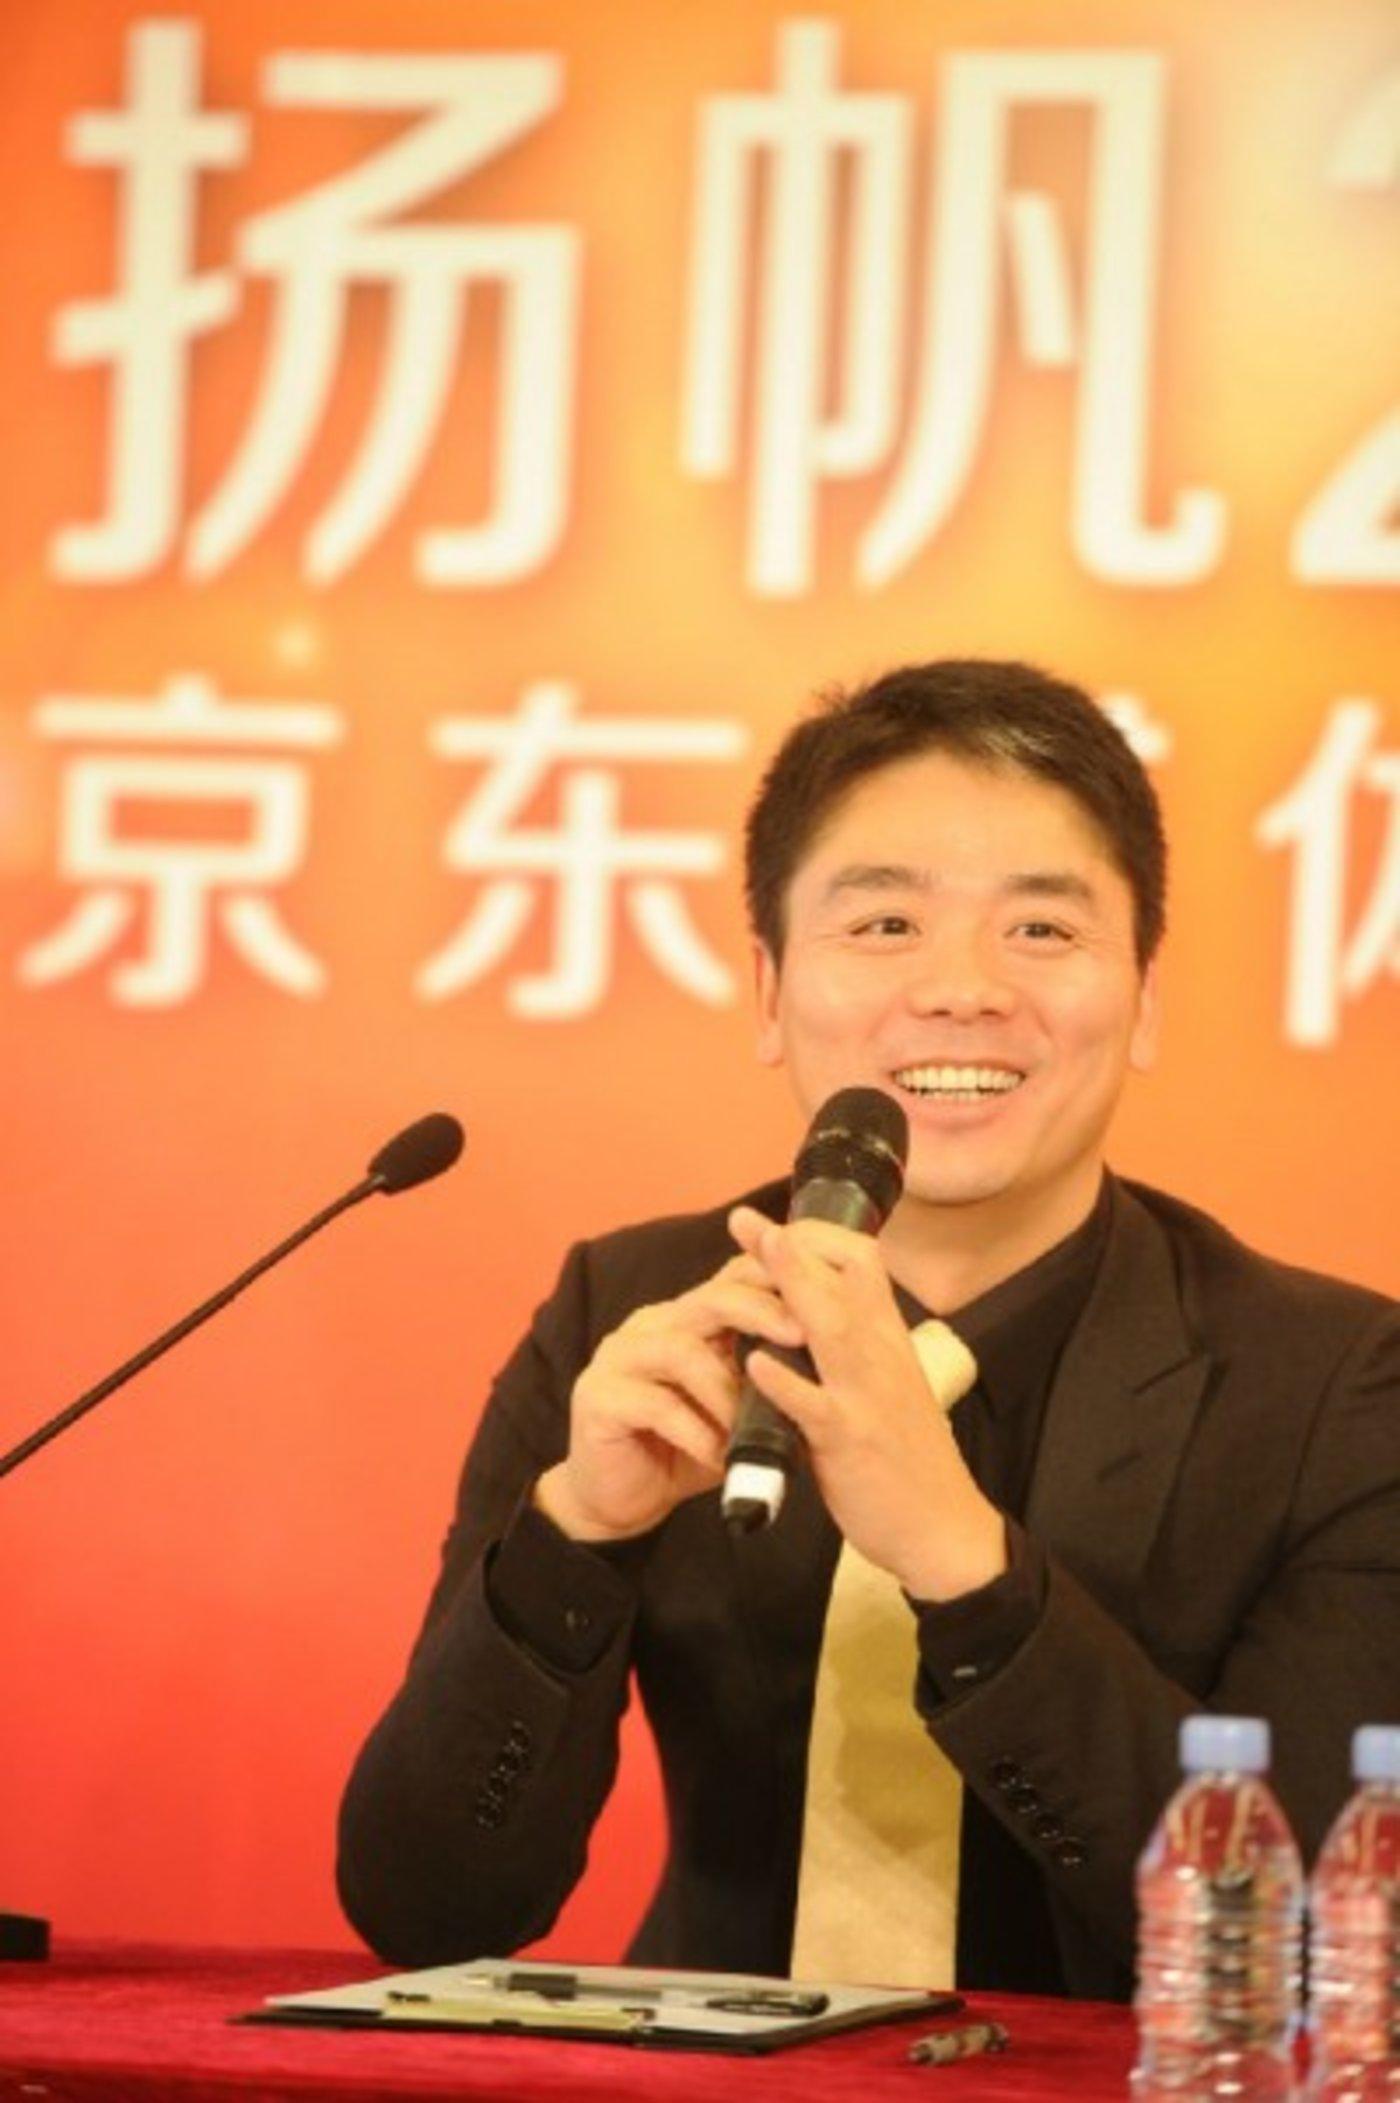 关于刘强东管住英语和减肥那点事嘴瘦迈开腿苦学还怎么不图片